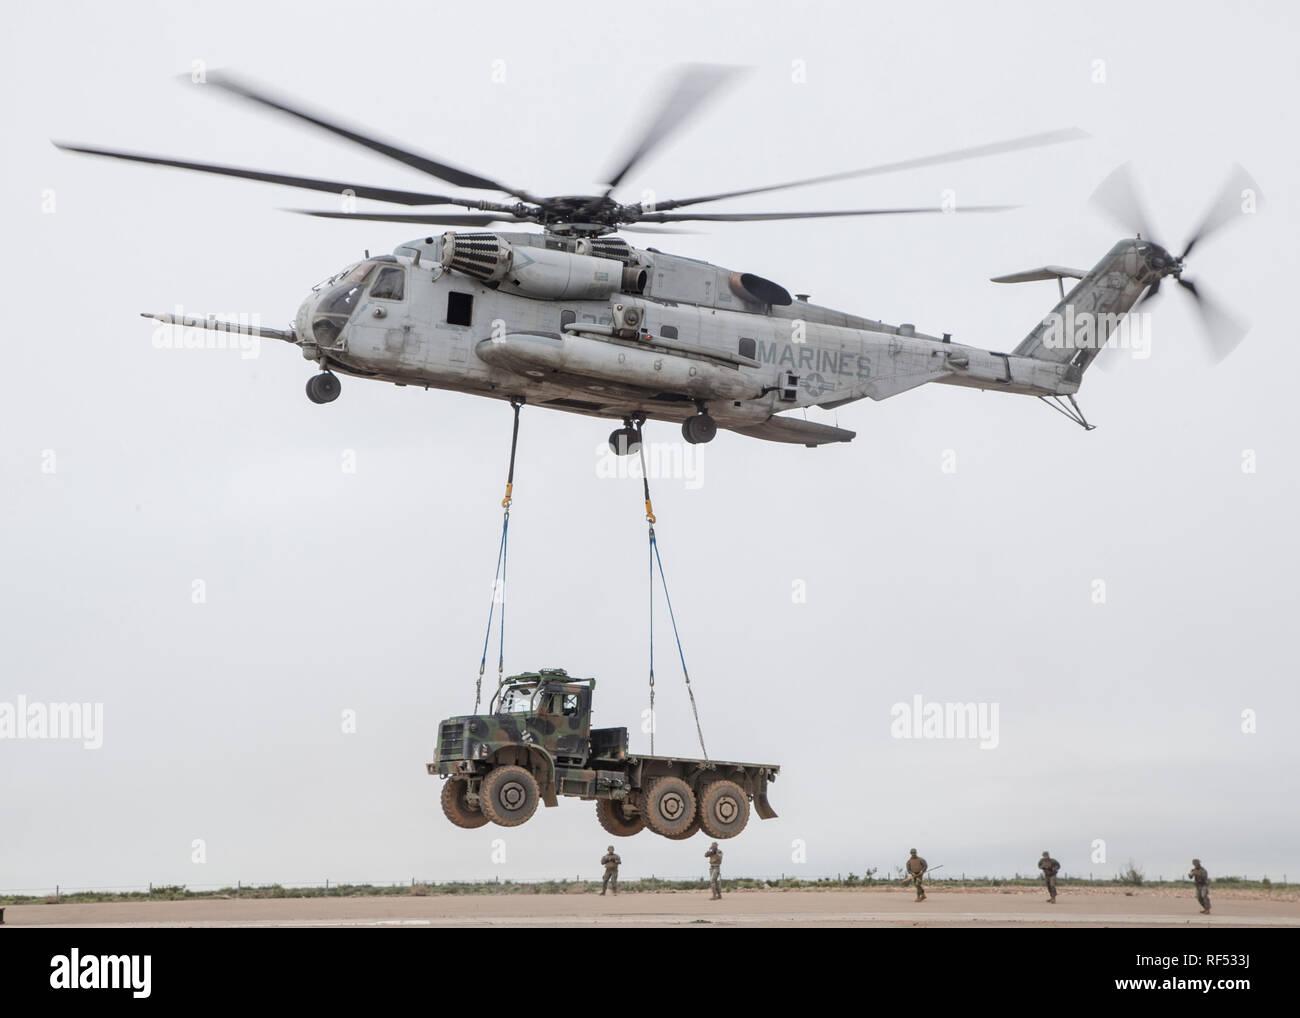 MARINE CORPS AIR STATION MIRAMAR, Californie- UN CH-53E Super Stallion avec Marine l'Escadron d'hélicoptères lourds (HMH), 462 aéronefs Marine Group (MAG) 16, 3rd Marine Aircraft Wing (MAW), ascenseurs un moyen de remplacement des véhicules tactiques (MTVR) au Marine Corps Air Station Miramar, Californie, le 16 janvier. Les Marines du HMH-462 et 1ère Marine Logistics Group a effectué un ascenseur extérieur d'un MTVR pour améliorer leurs capacités de soutien et l'exercice de l'aéronef au seuil de 36 000 livres. (U.S. Marine Corps photo par Lance Cpl. Clare J. MCINTYRE) Banque D'Images